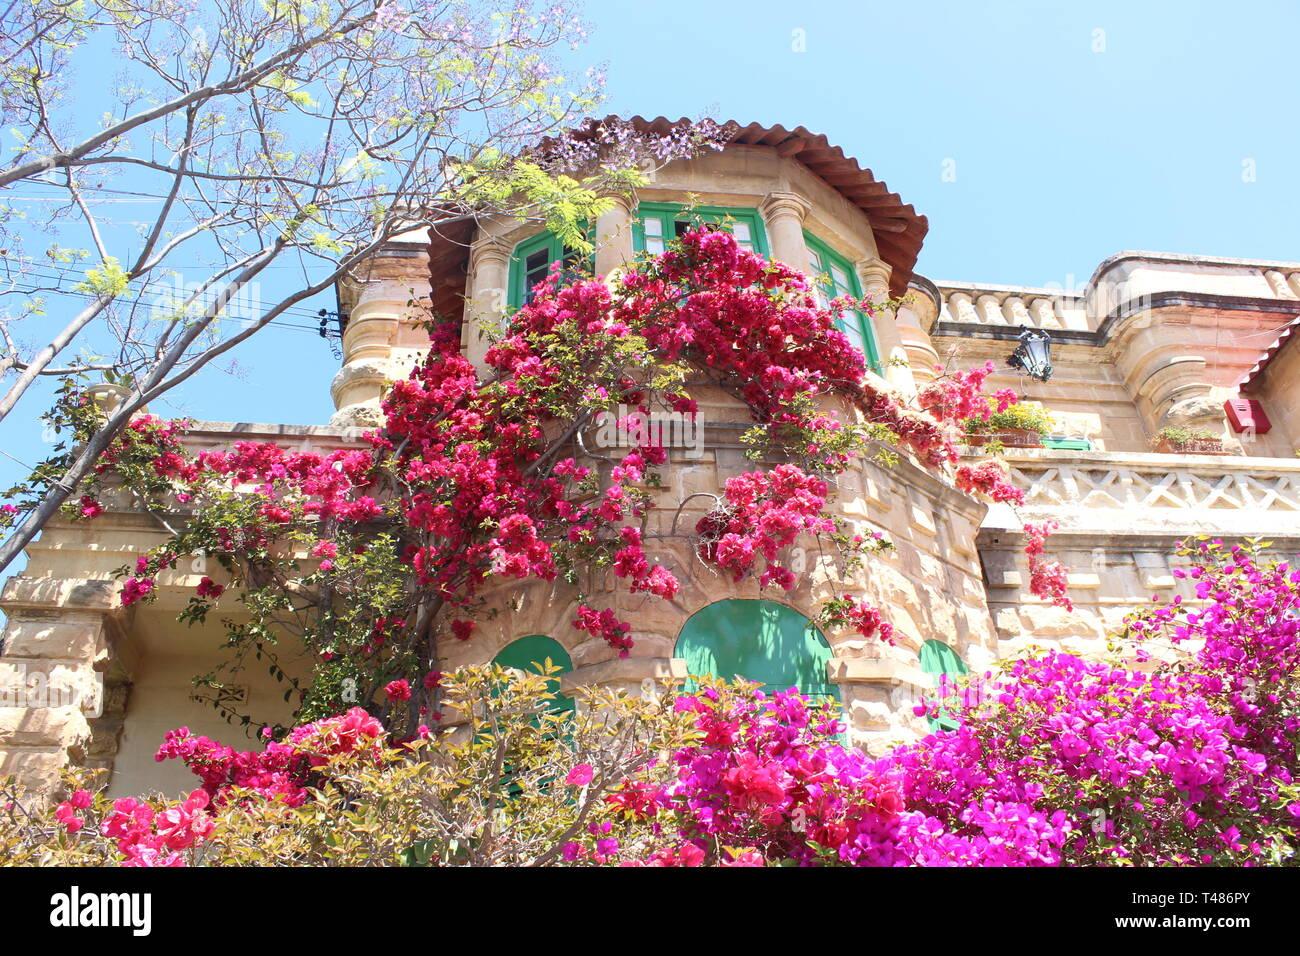 Südländisches Haus im mediterranen Stil mit blumiger Hausfront - Stock Image